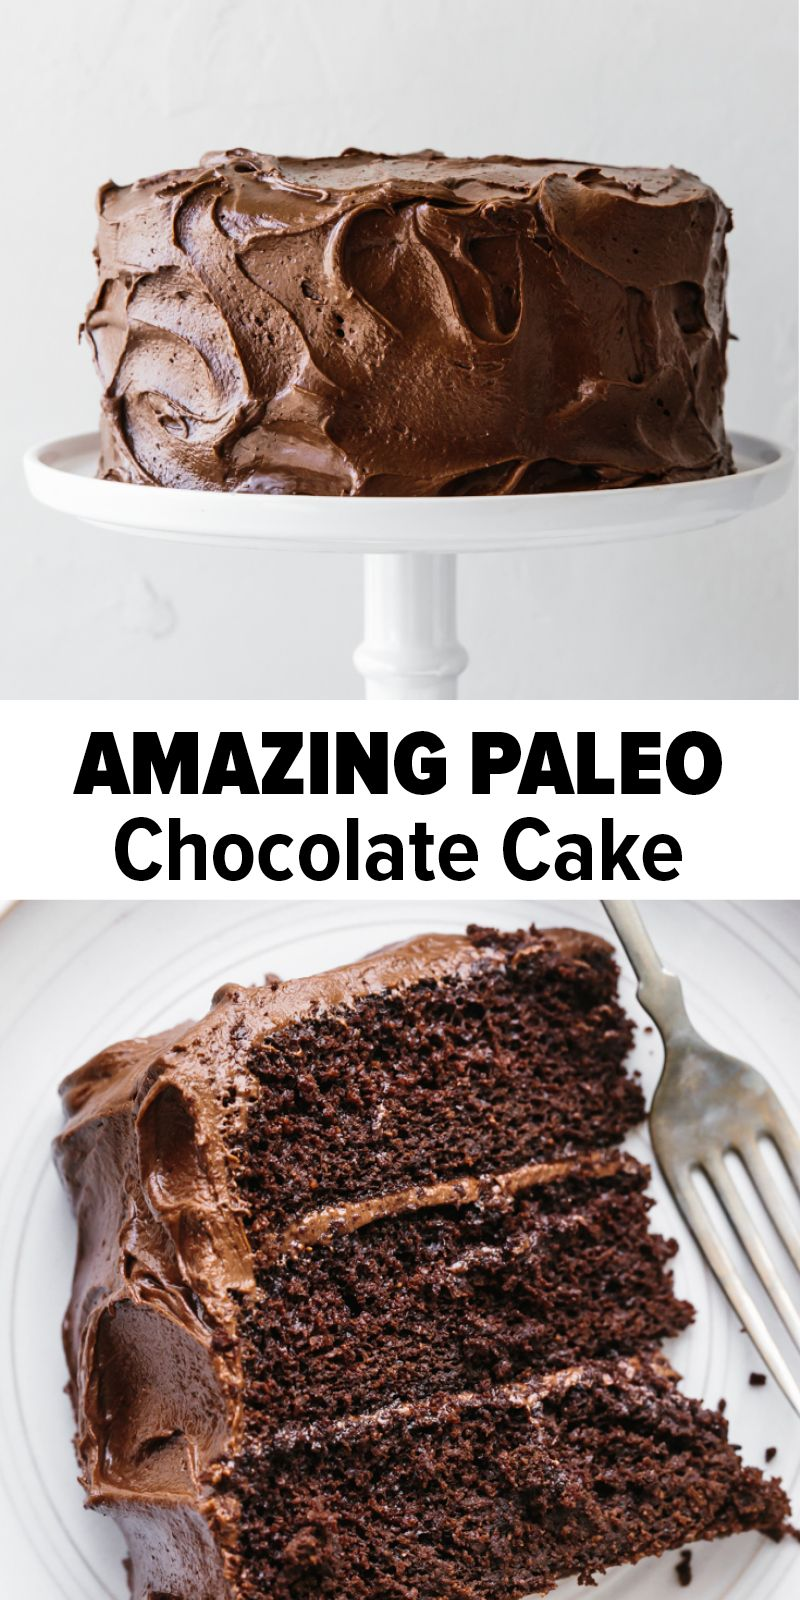 Paleo Chocolate Cake Paleo Chocolate Cake Paleo Chocolate Dairy Free Cake